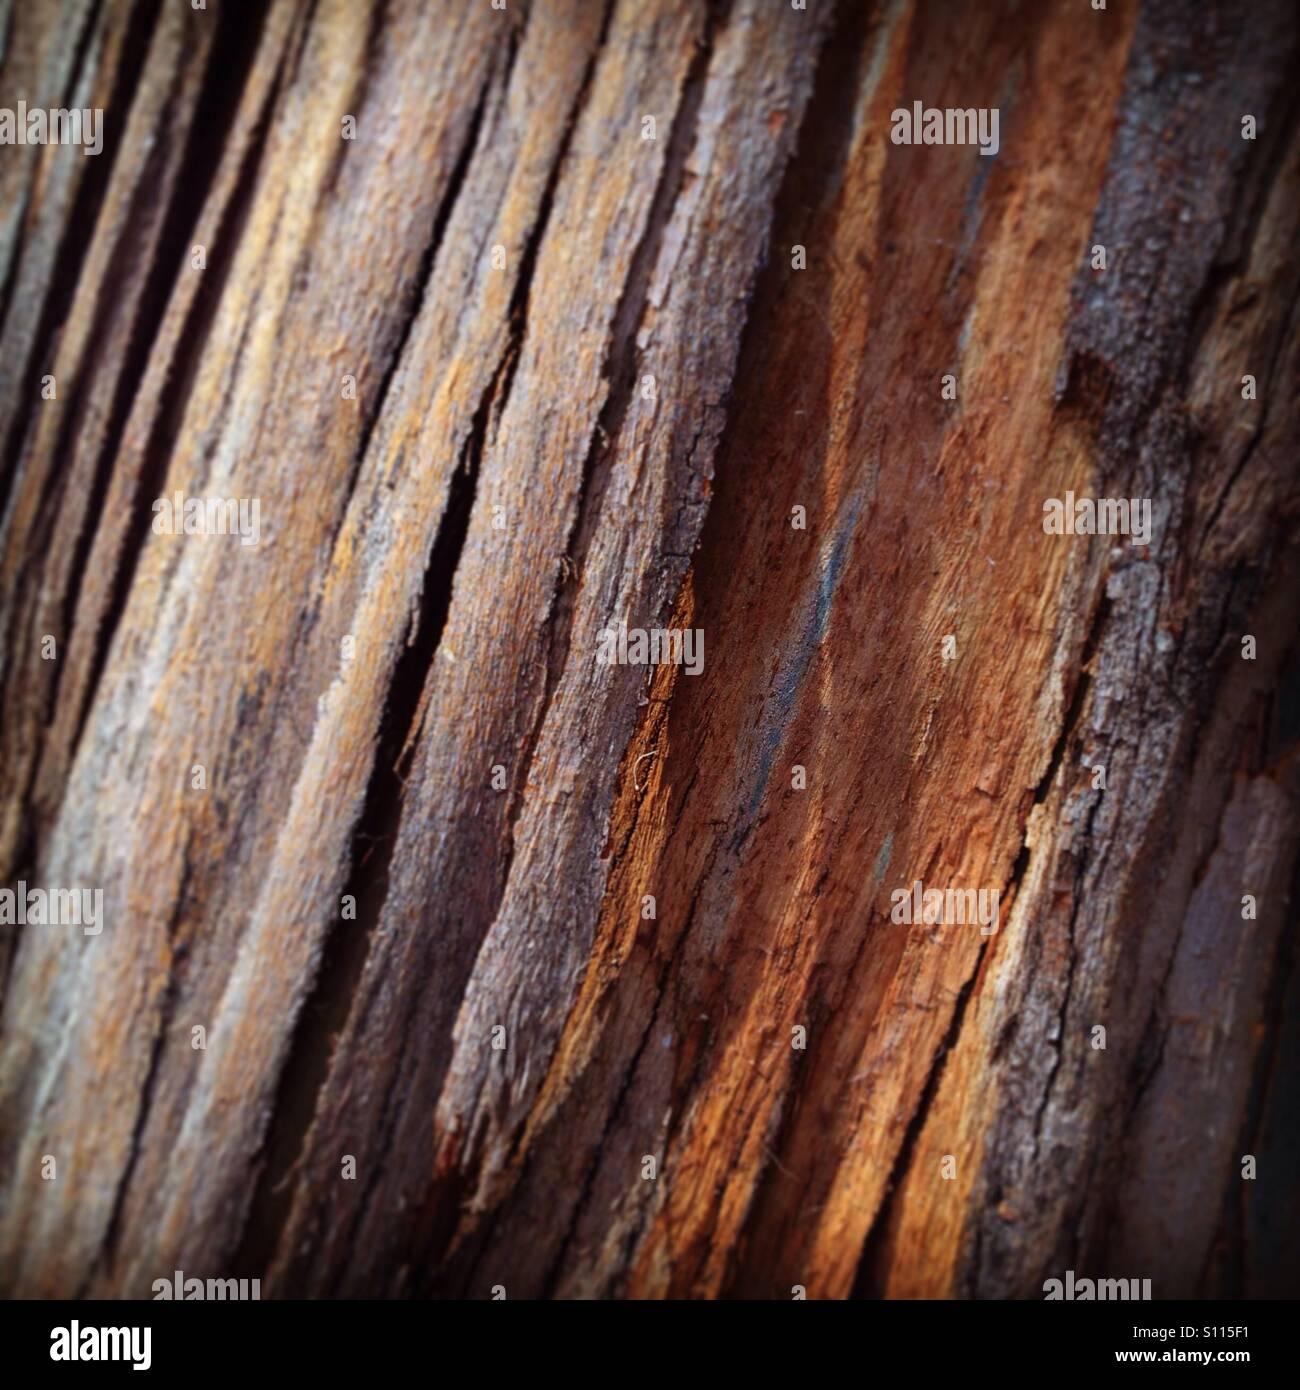 Eucalyptus bark - Stock Image